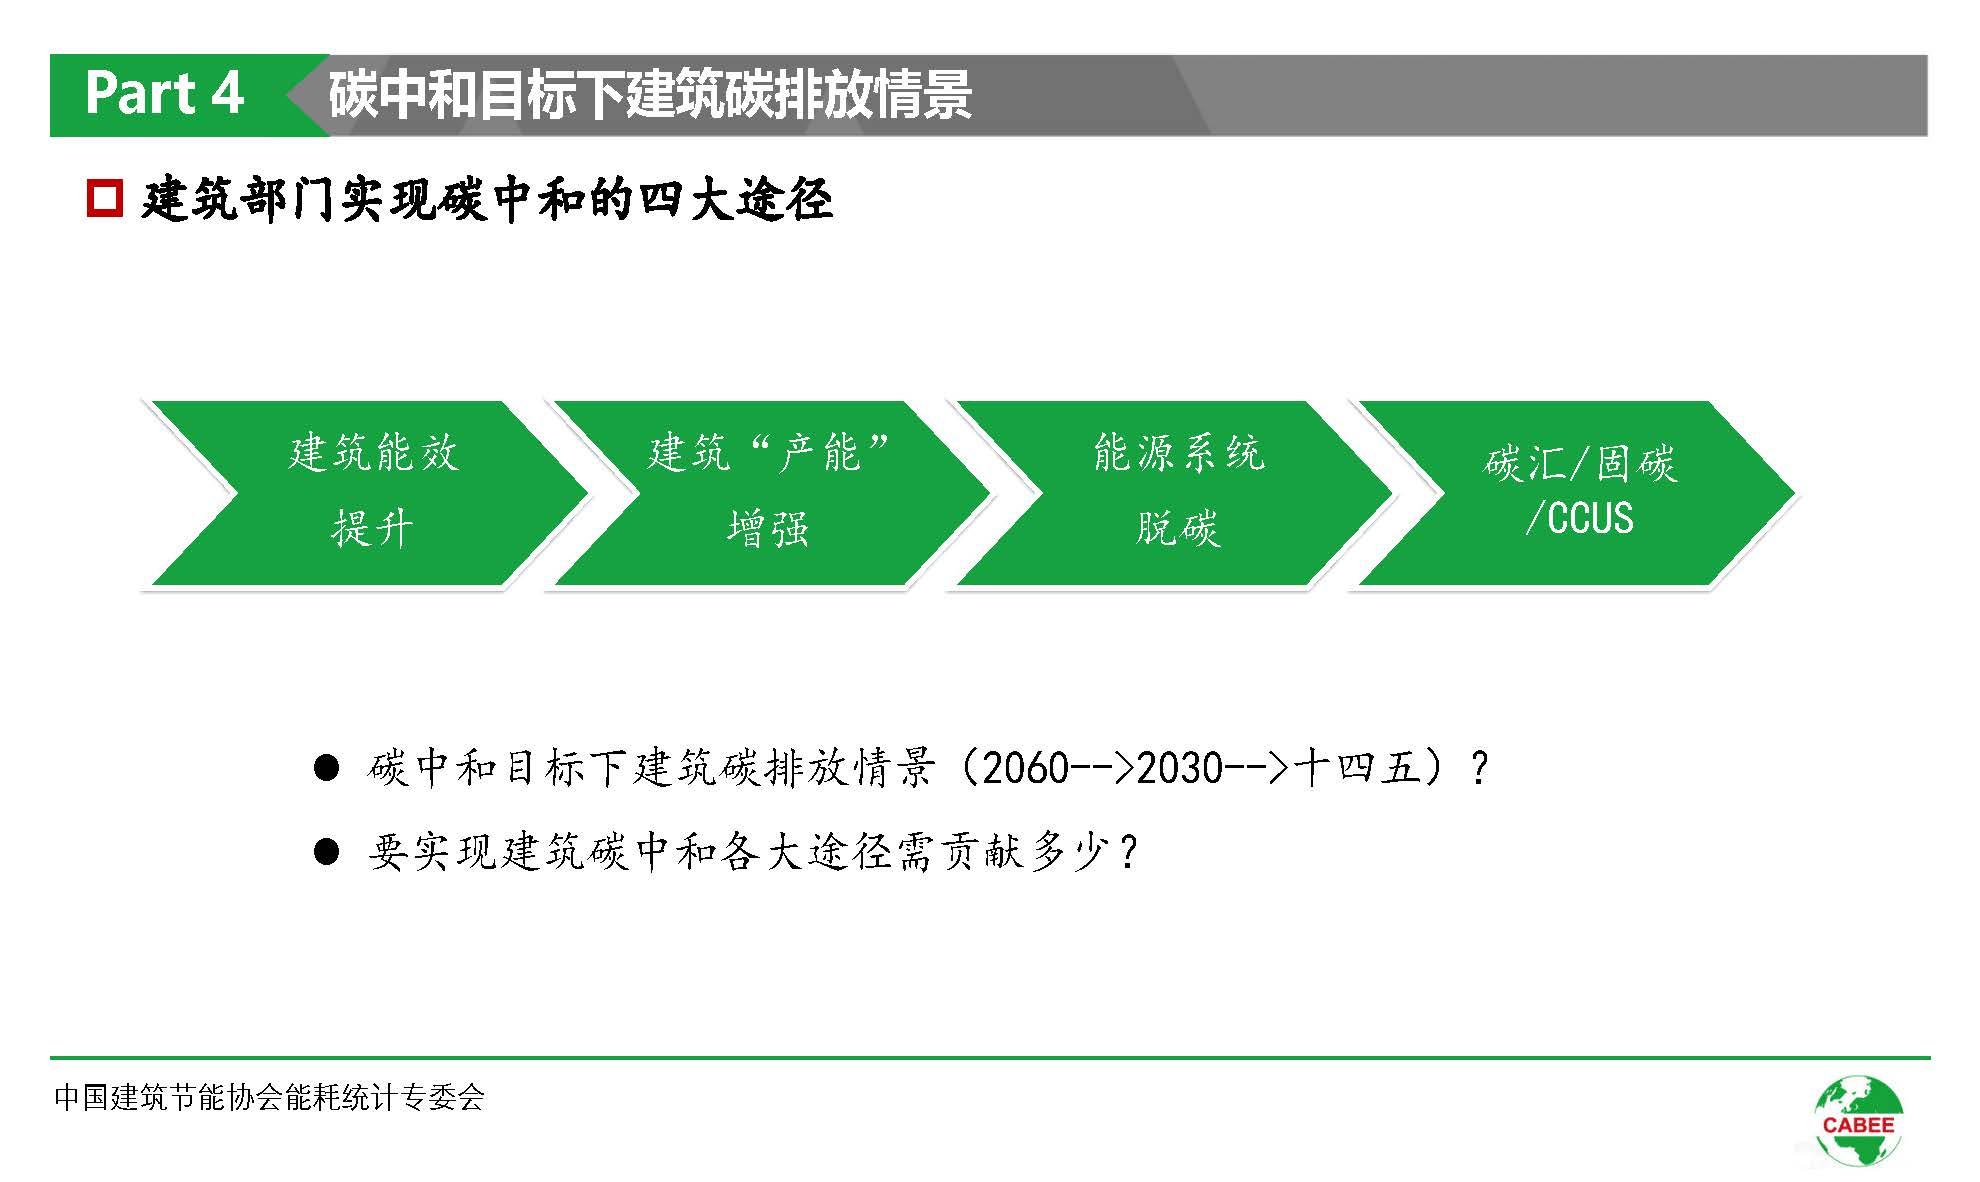 中国建筑能耗研究报告(2020)(1)_页面_32.jpg